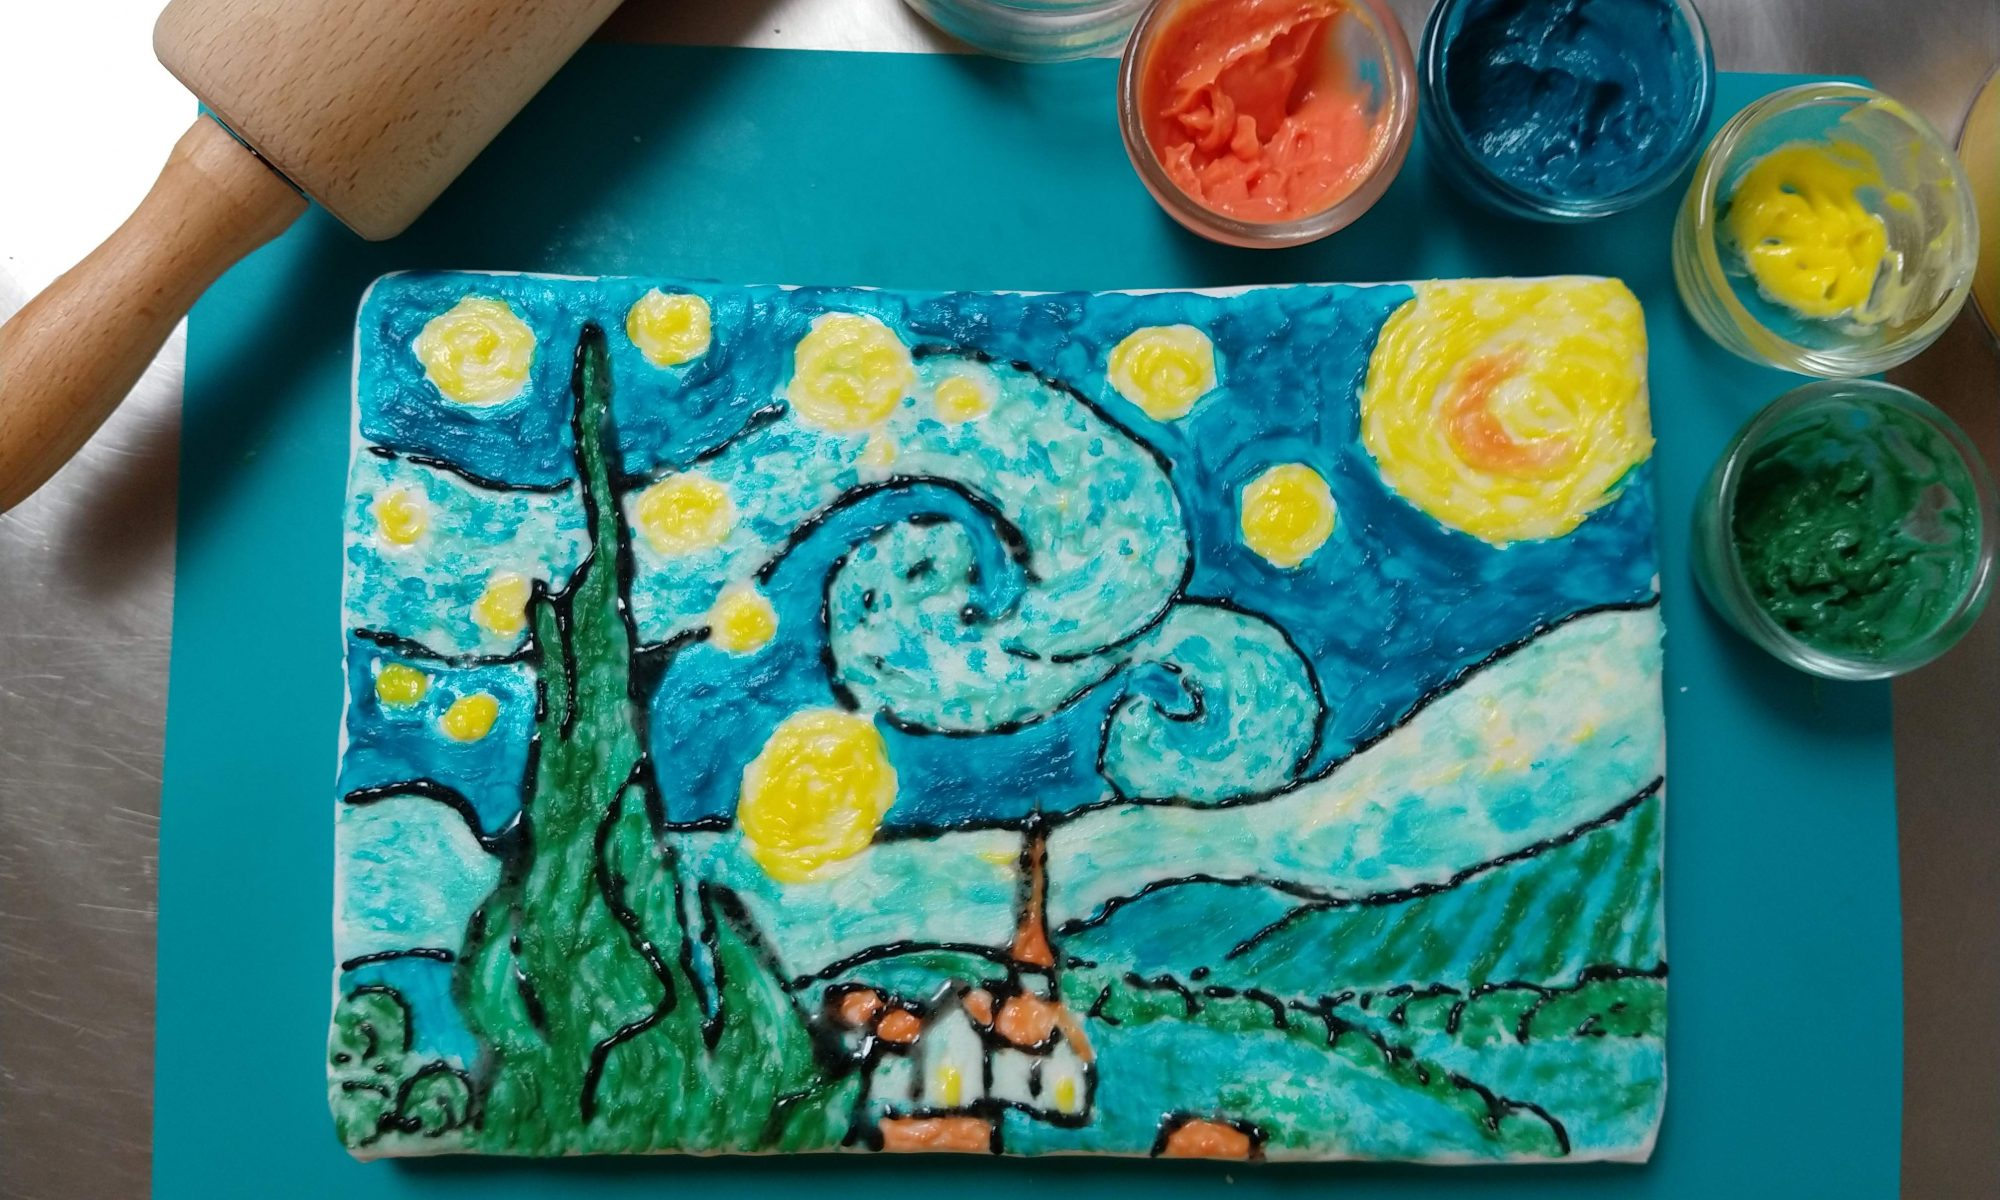 taart schilderen, van Gogh, Vincent van Gogh, Atelier Anders, groeps uitje, familieworkshop